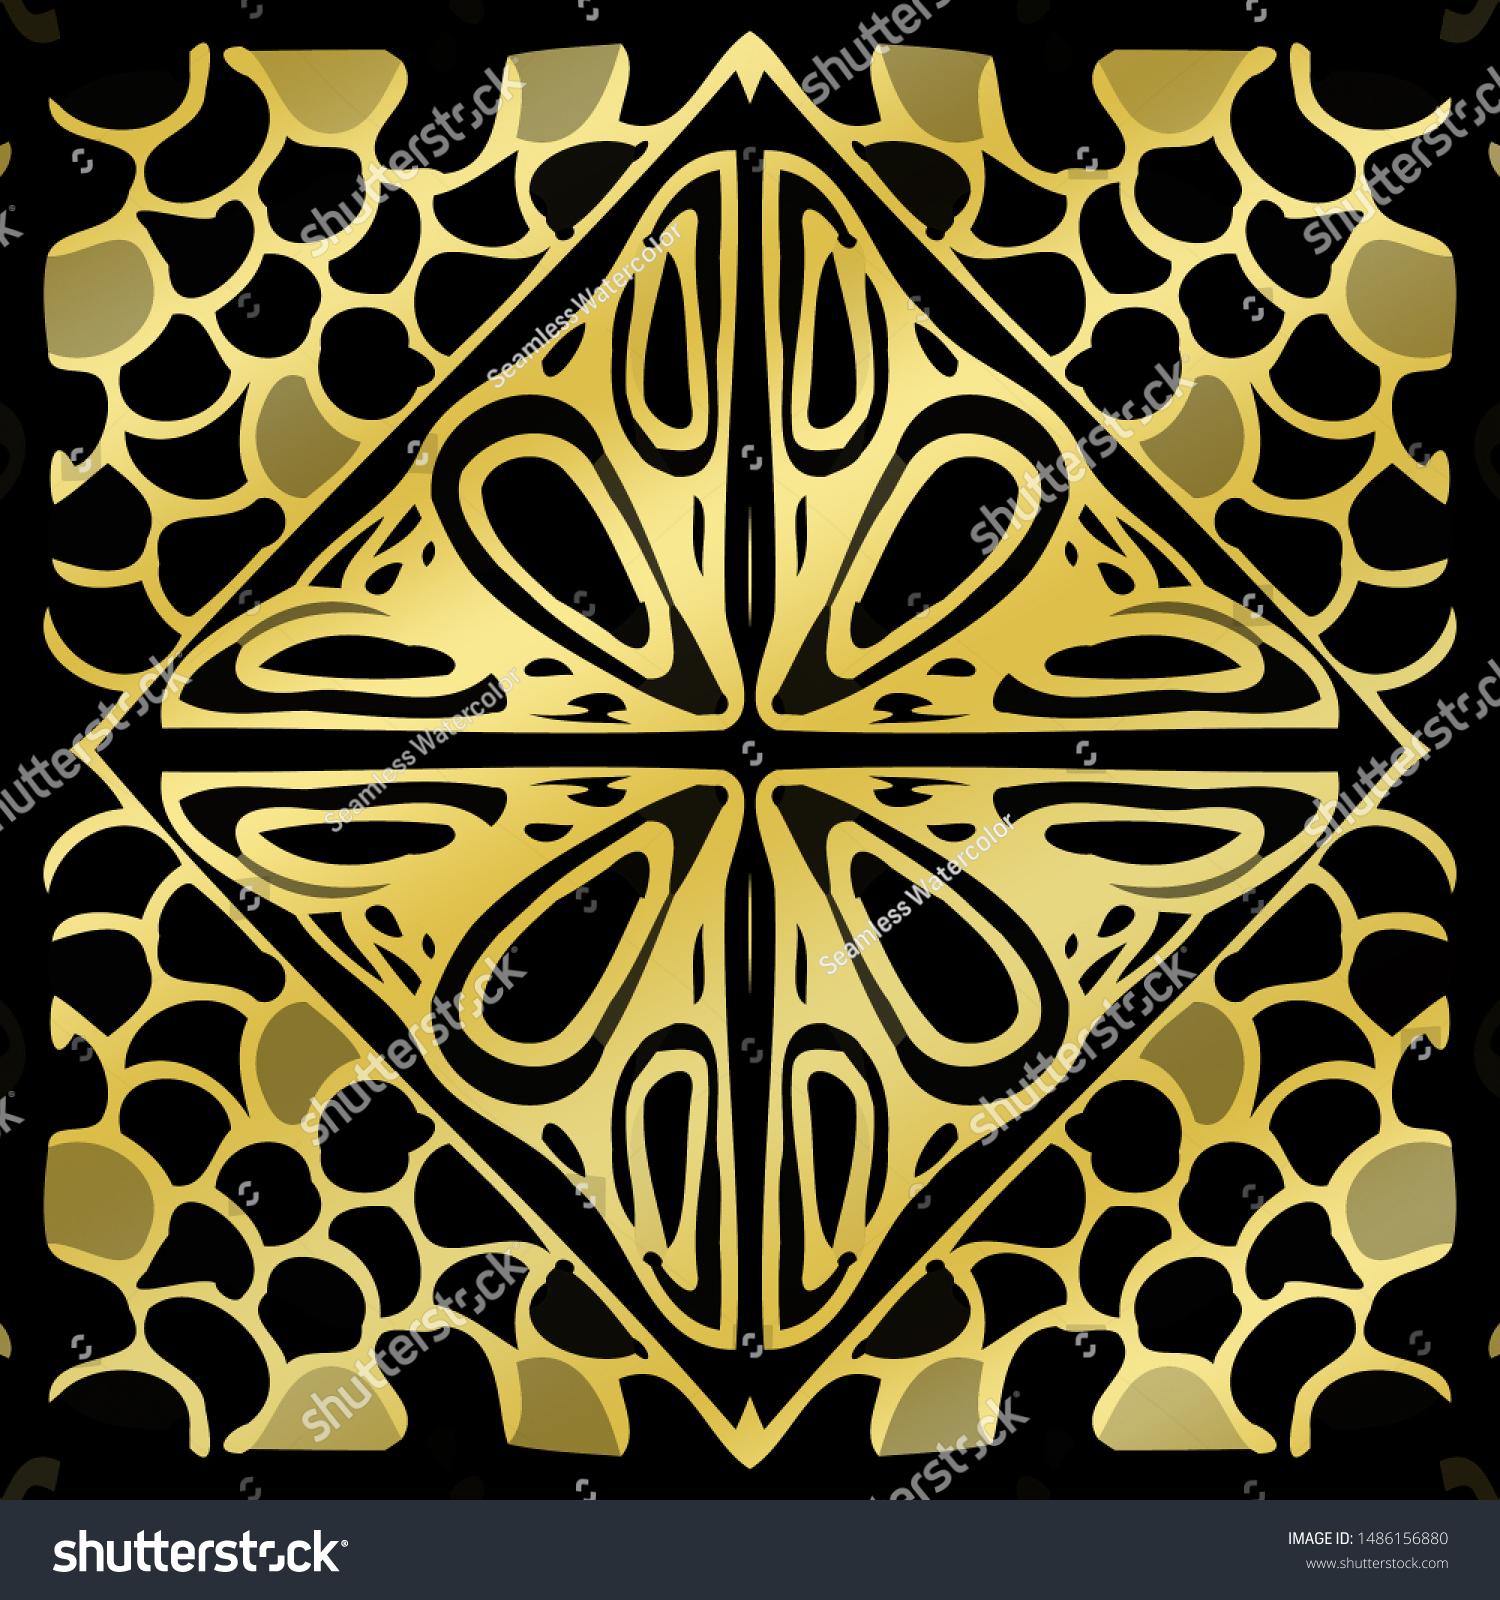 Enchanted Jazz Style Arabesque Square Borderless Stock Illustration 1486156880